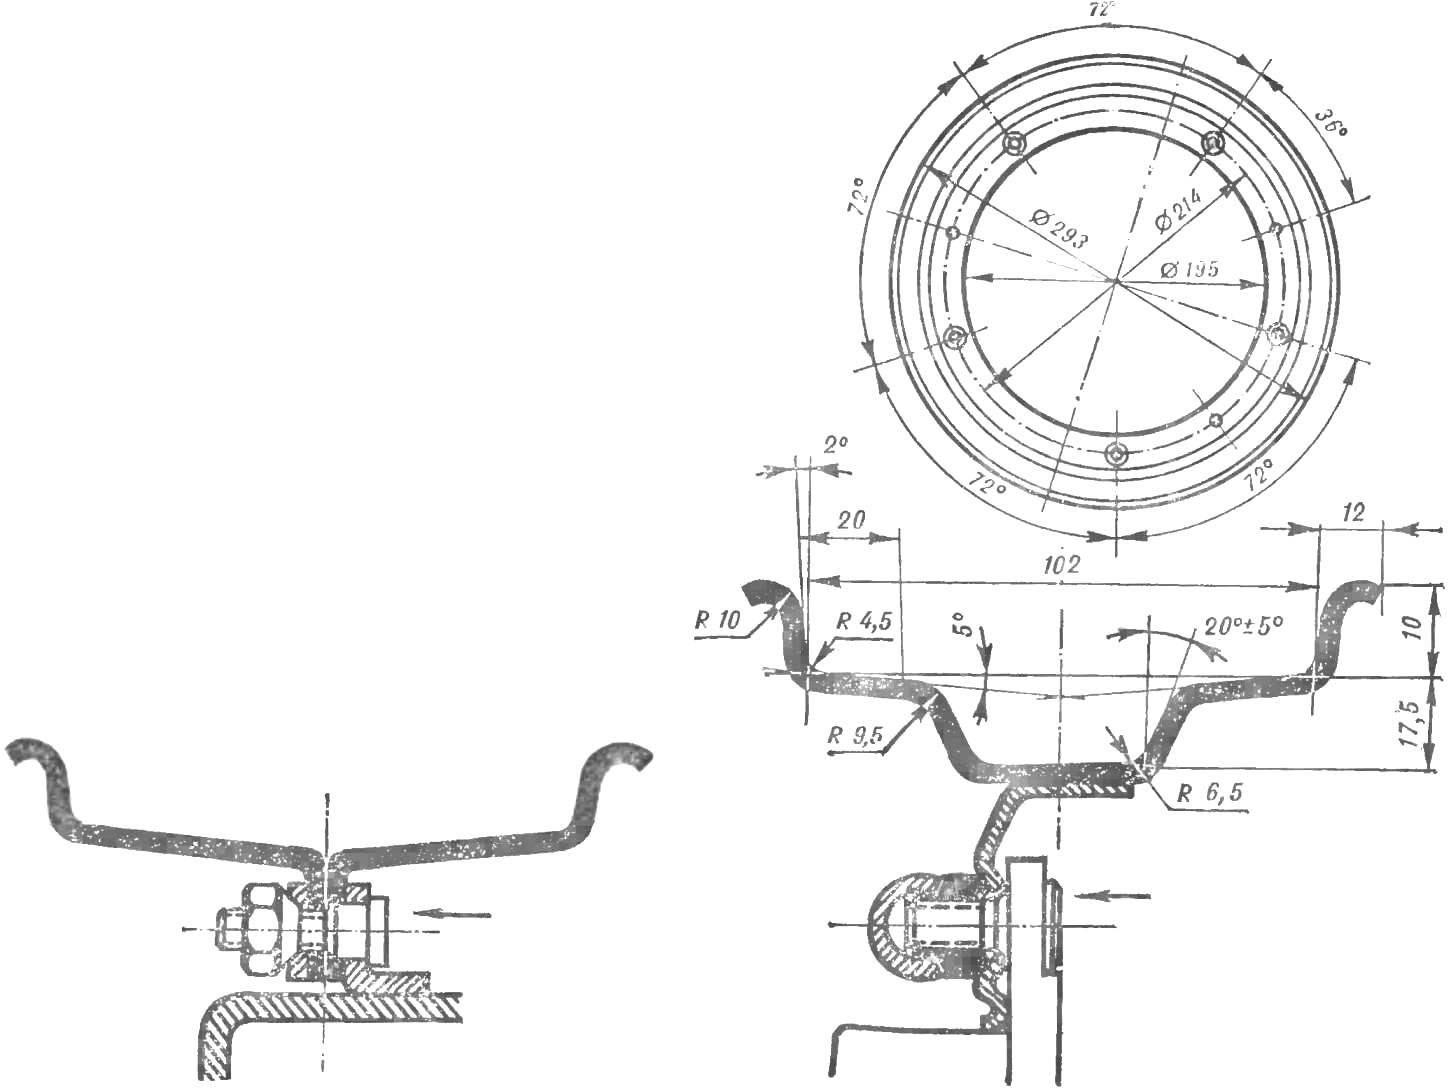 Рис. 5. Размеры обода колеса для шин 5.00-10 и варианты его крепления.